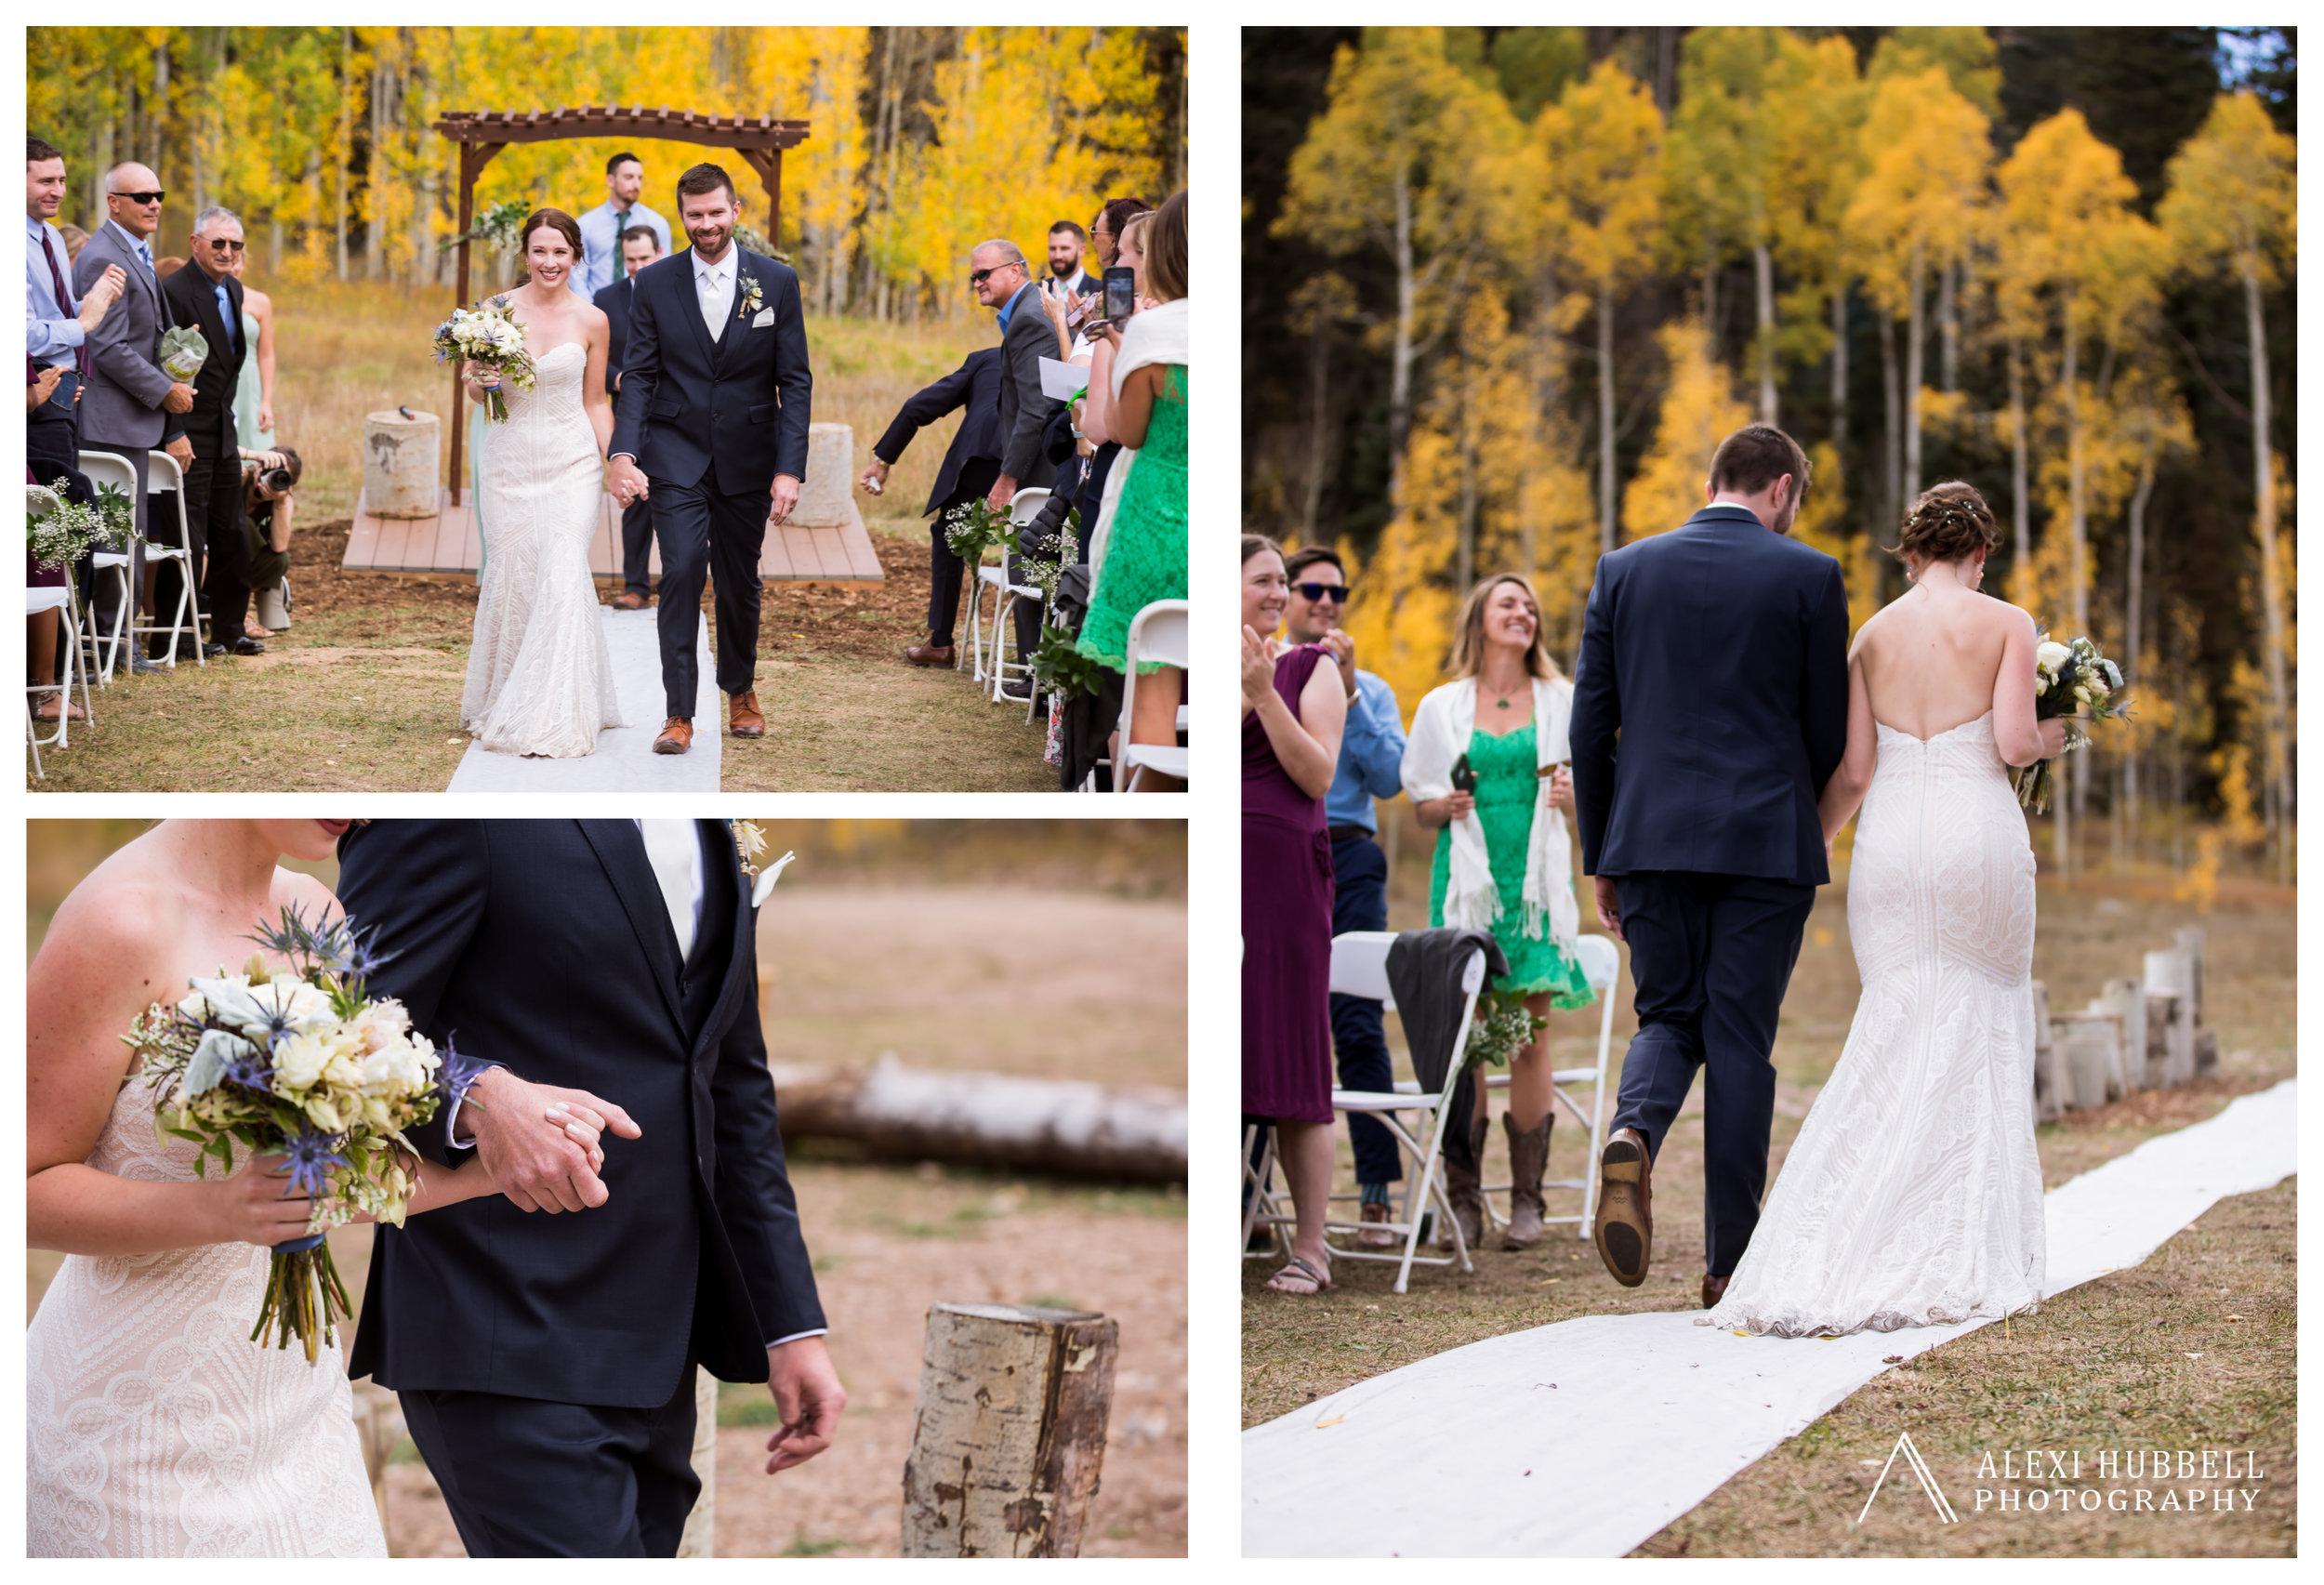 Fall wedding at Cascade Village, Durango, Colorado by Alexi Hubbell Photography